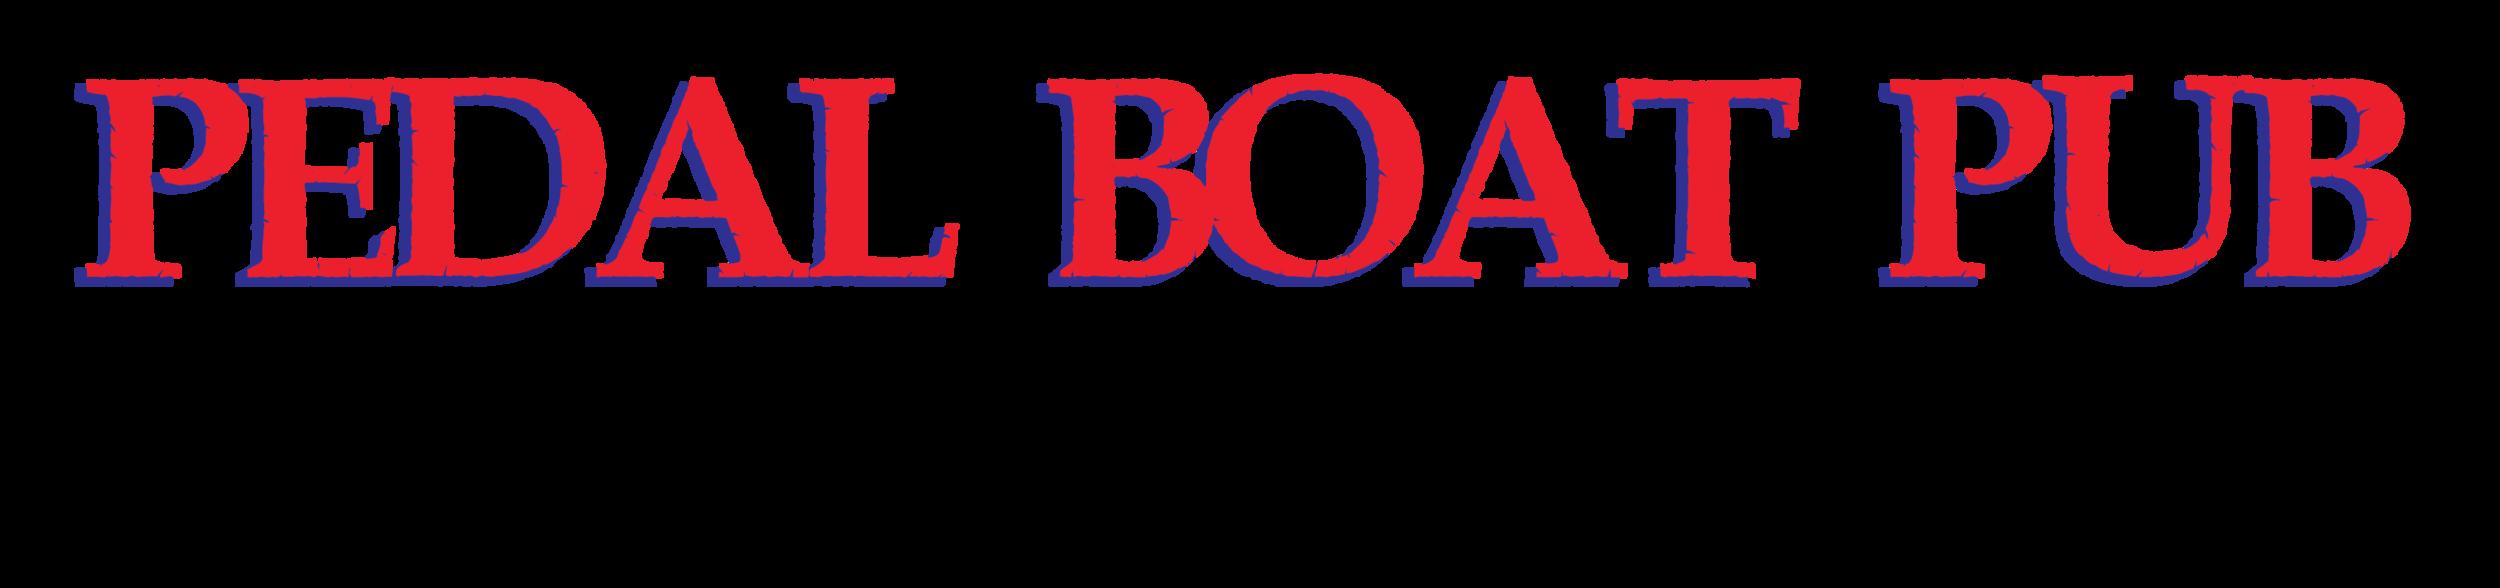 pedal boat pub header-02.png